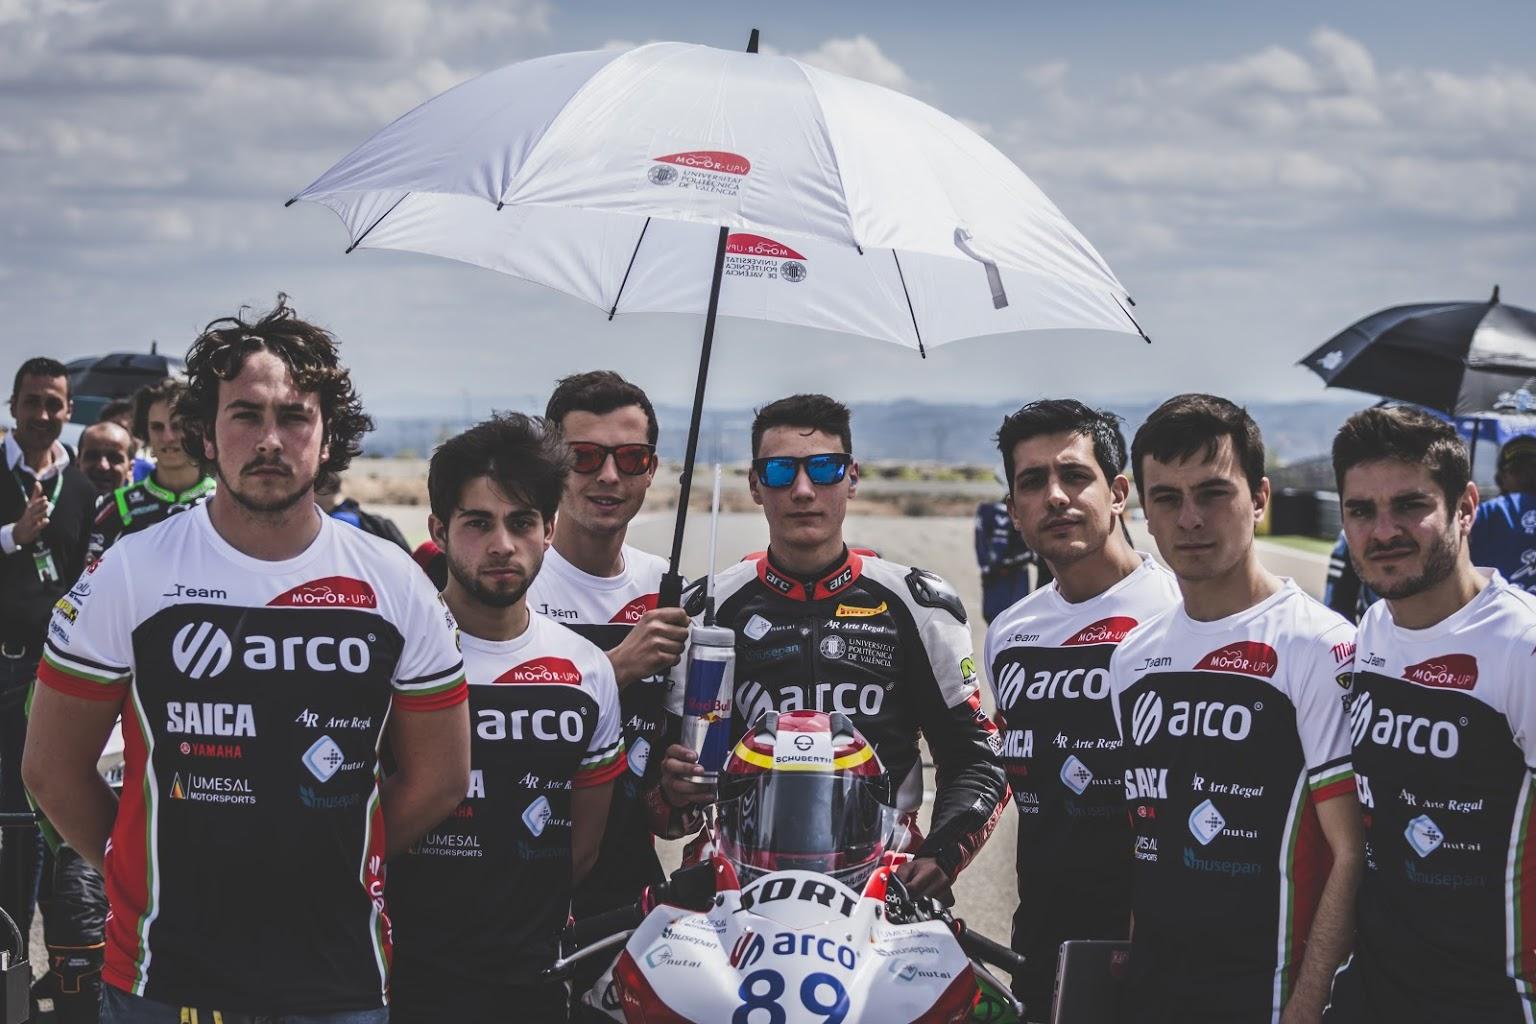 MotoR-UPV en SBK de Aragón - Patrocinador Musepan